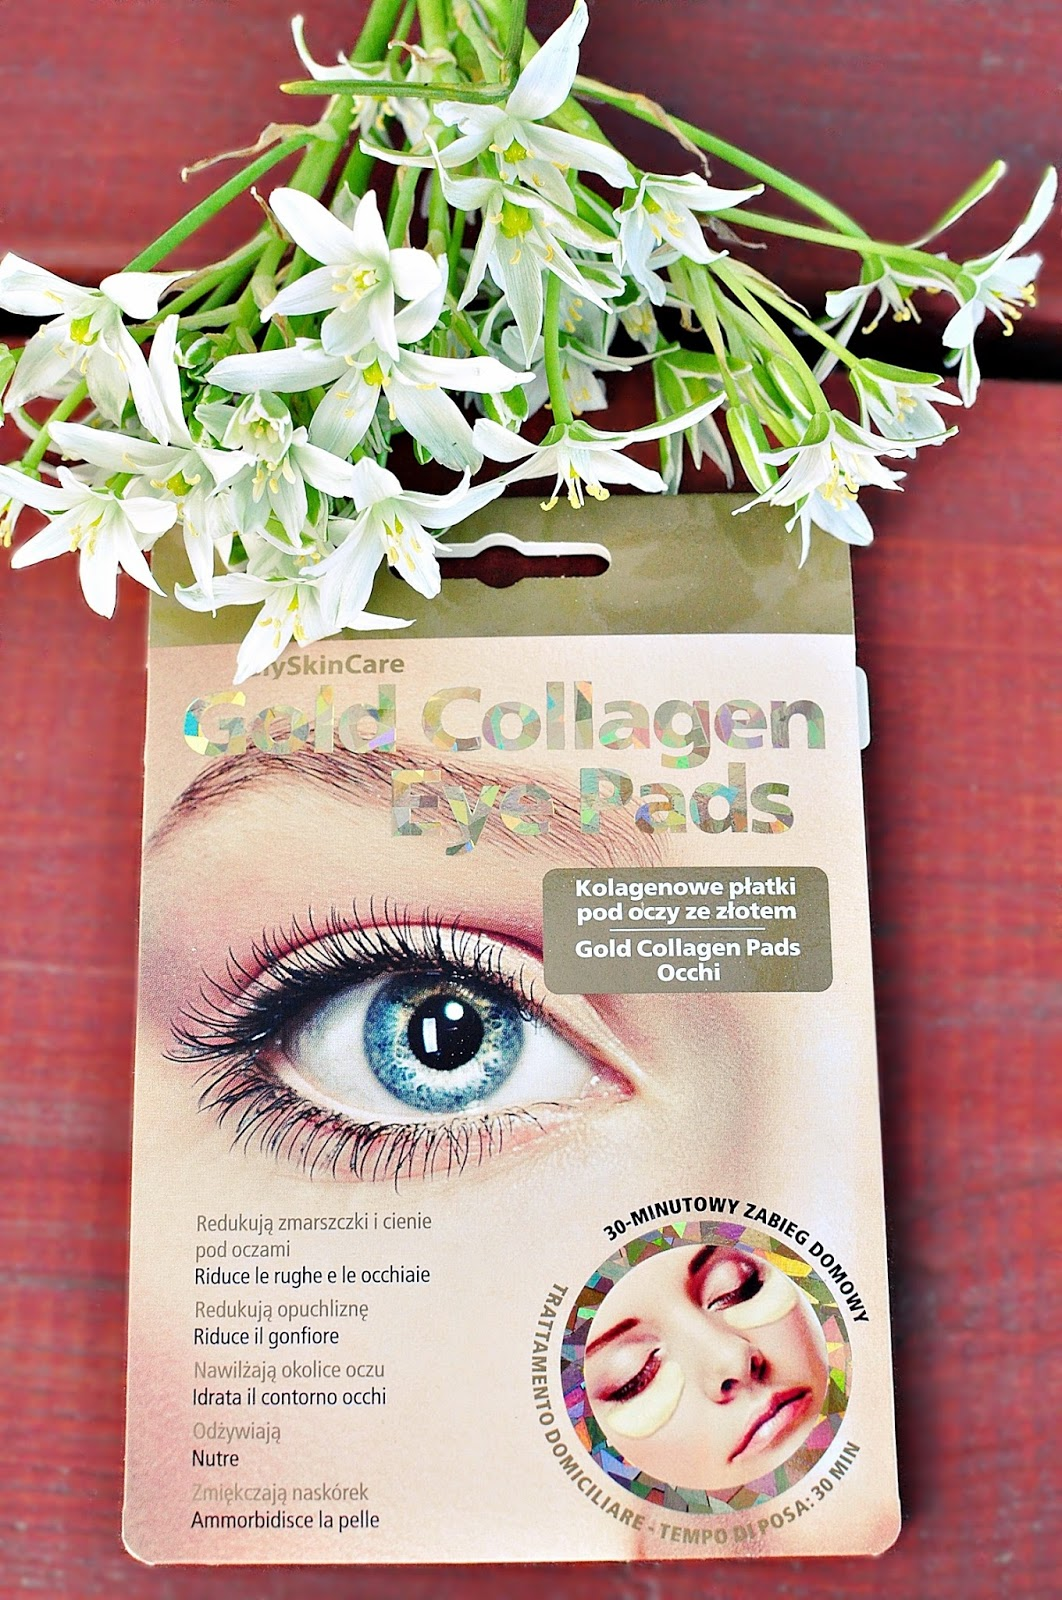 kolagenowe-płatki-pod-oczy